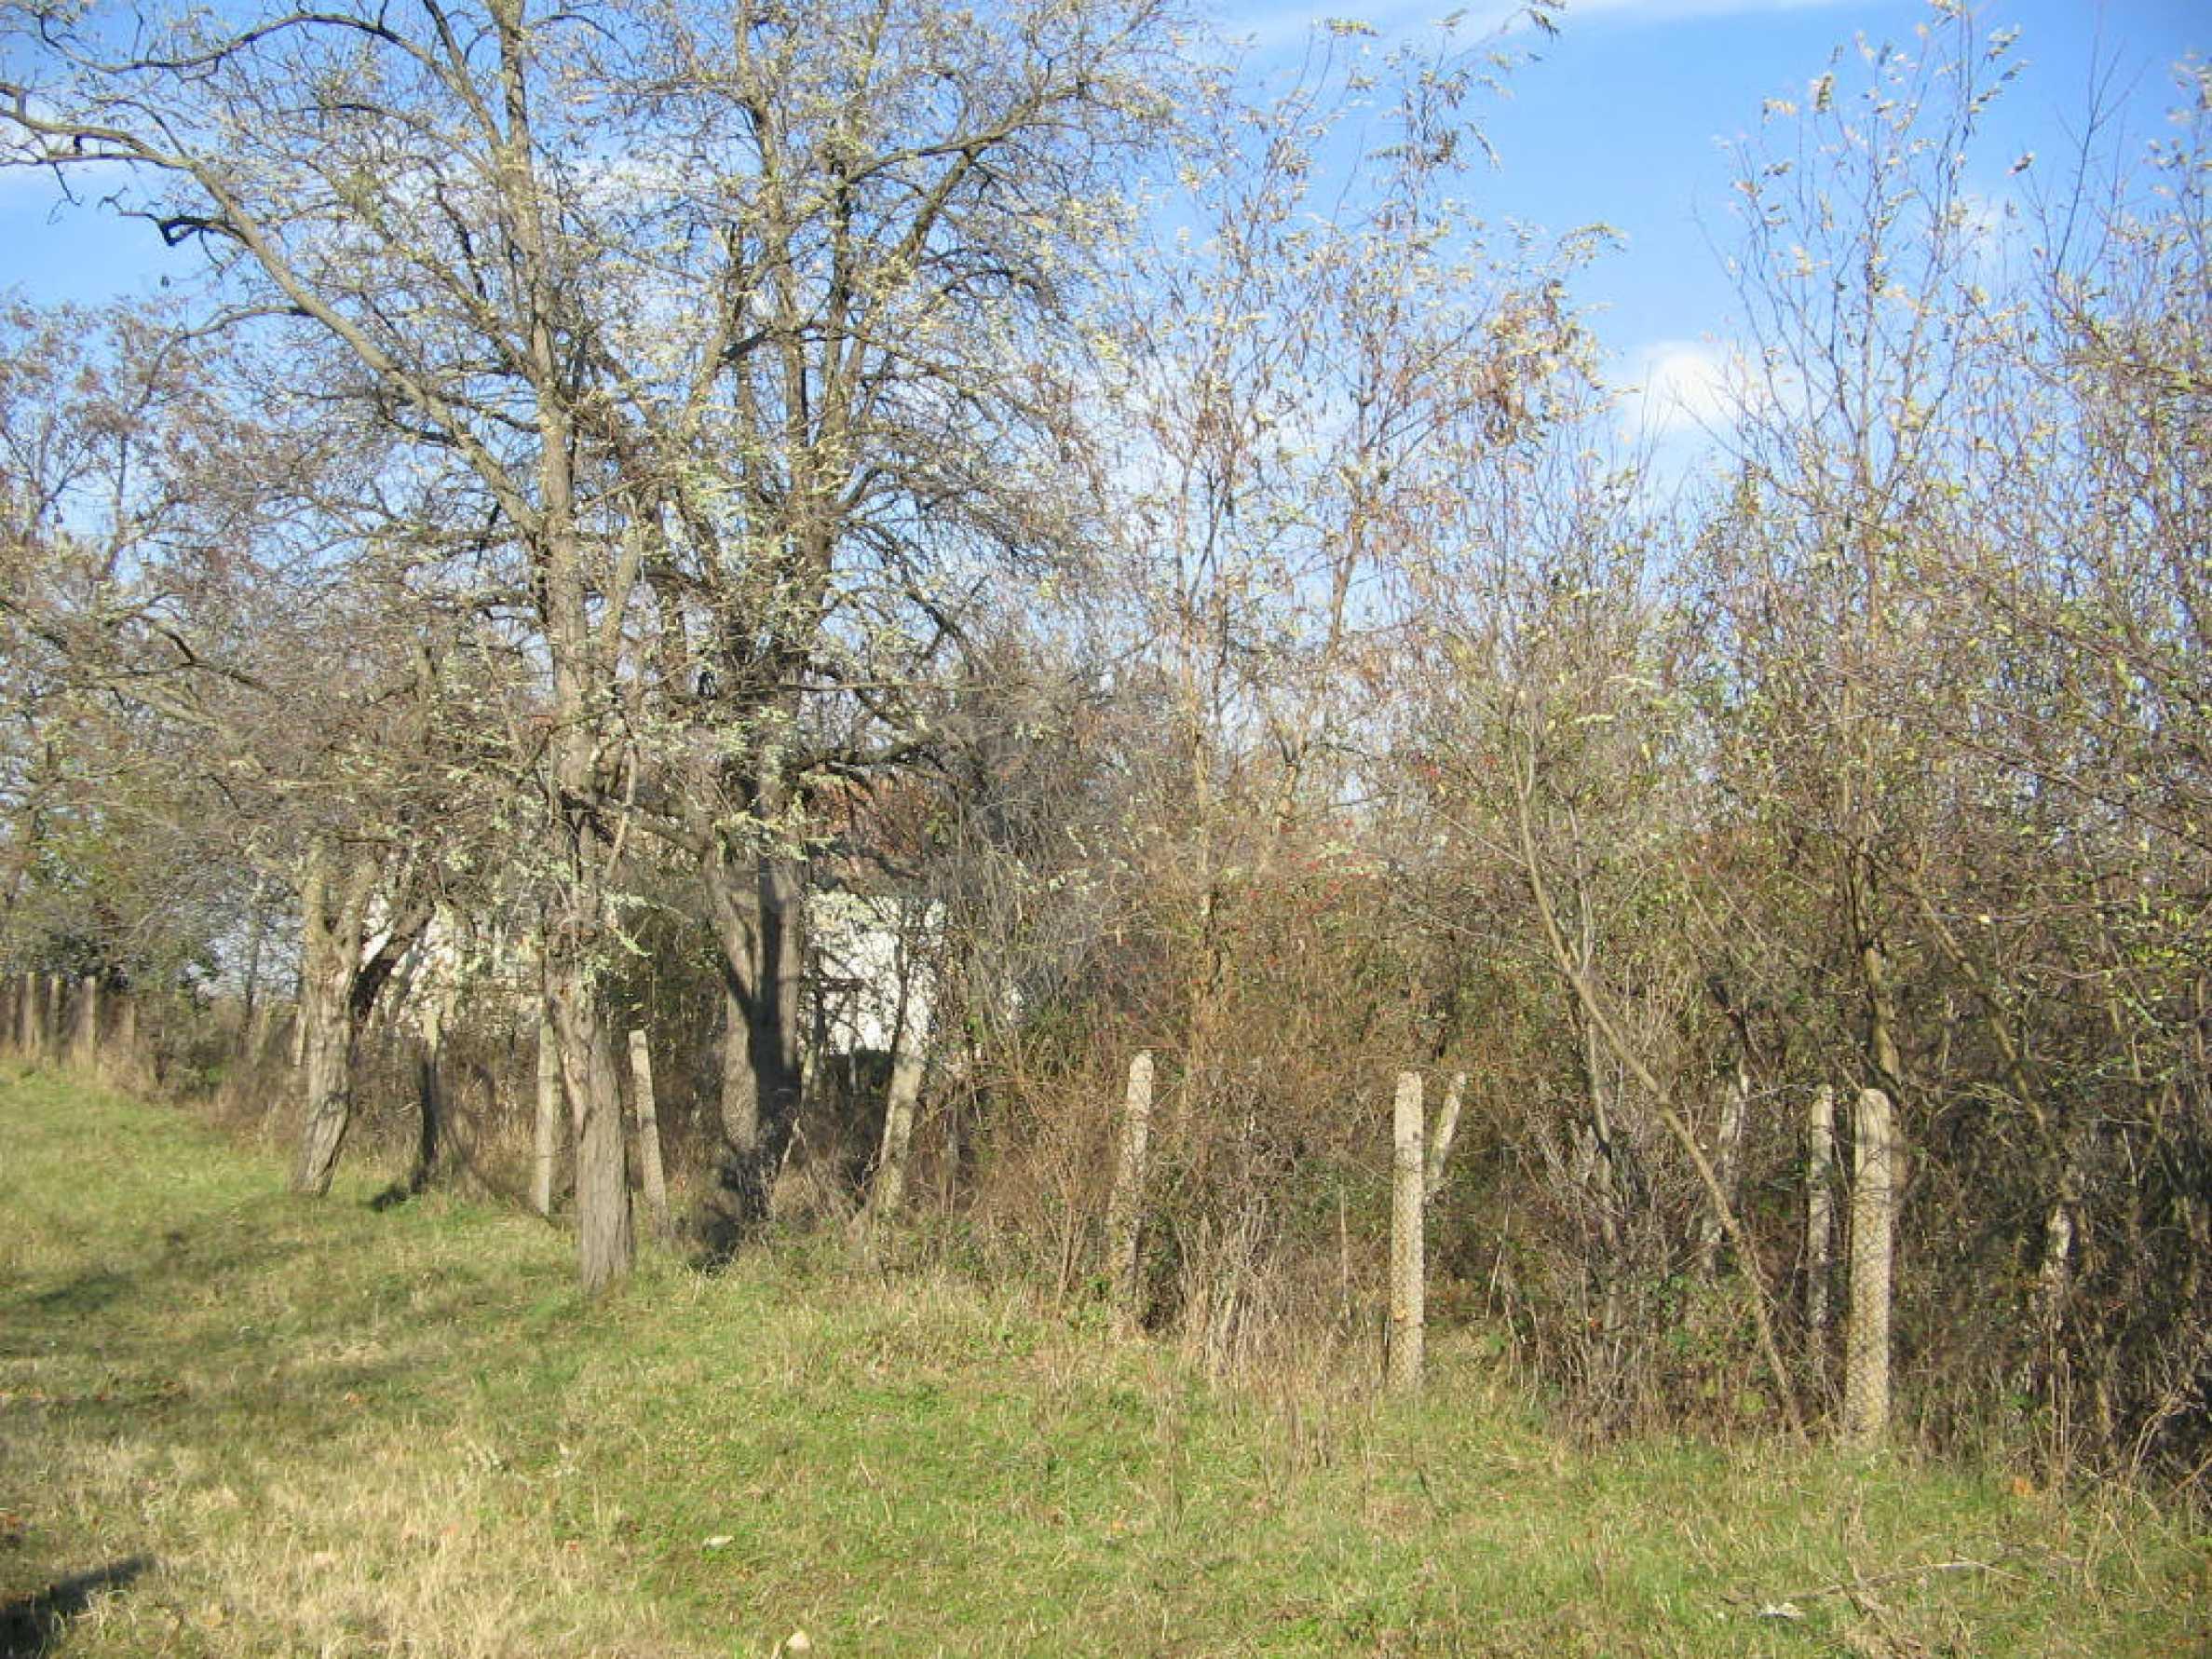 Einfamilienhaus mit Hof in der Nähe von Montana 14